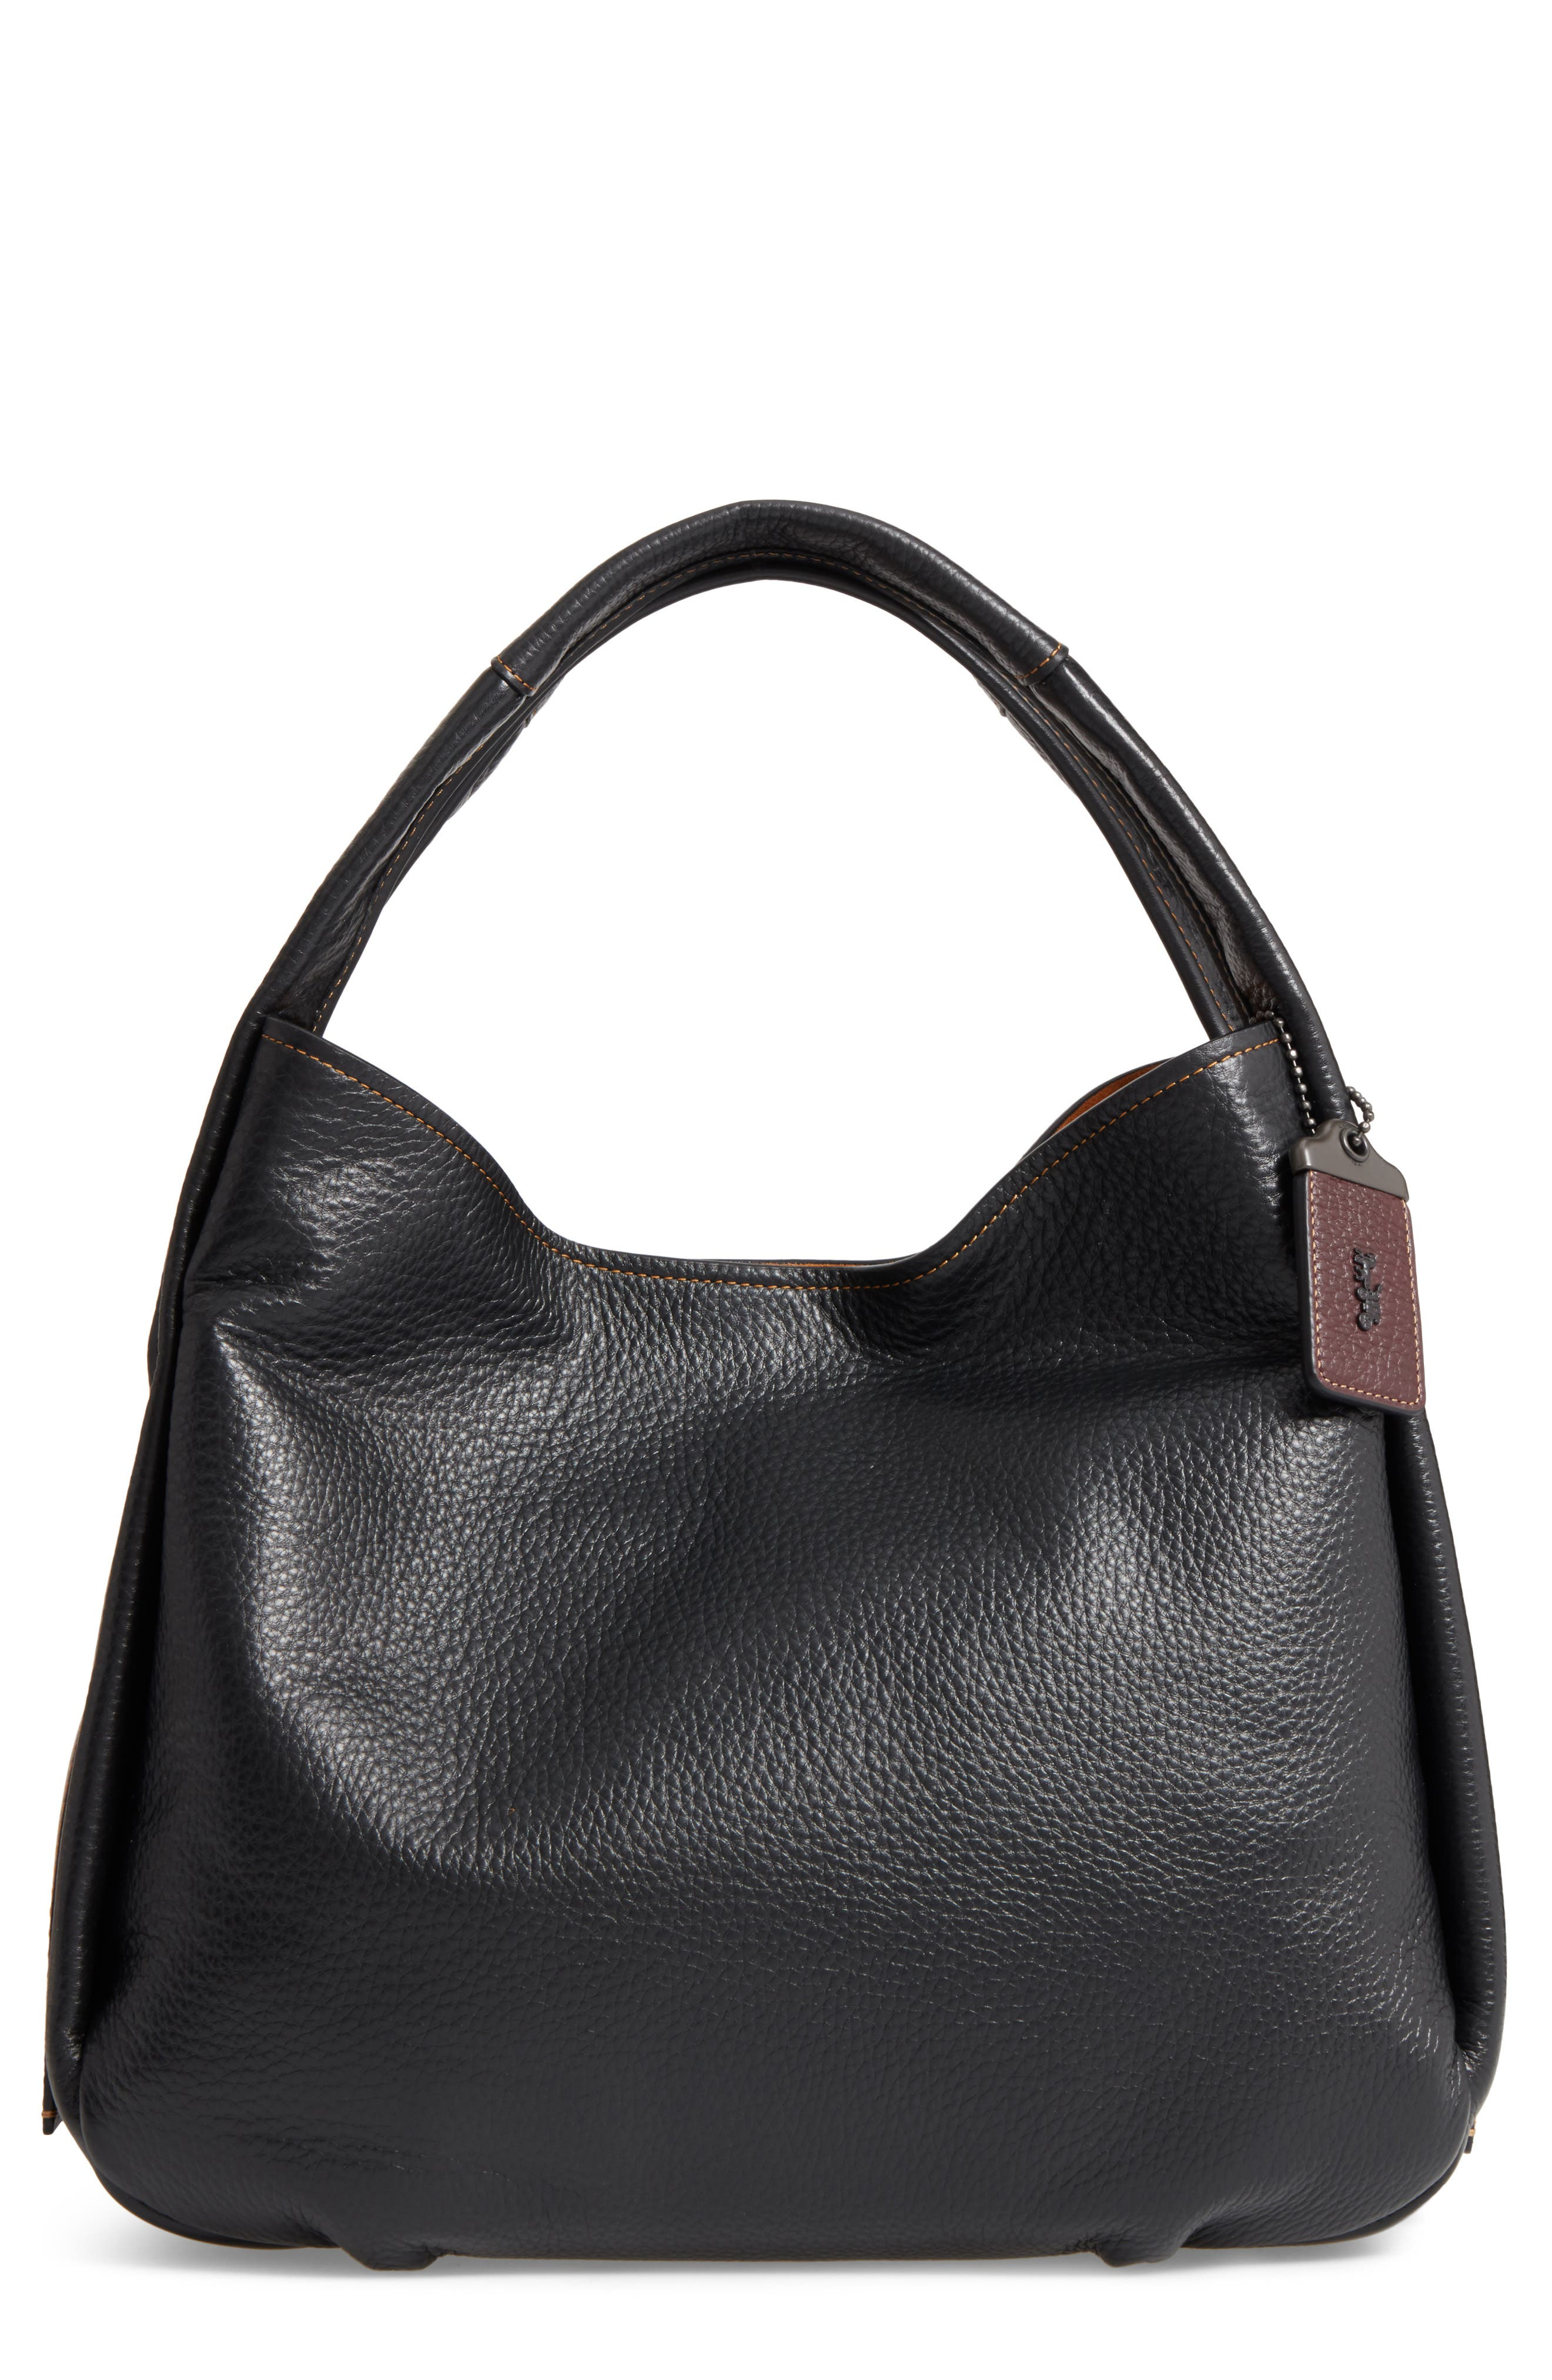 Alternate Image 1 Selected - COACH 1941 Bandit Leather Hobo & Removable Shoulder Bag